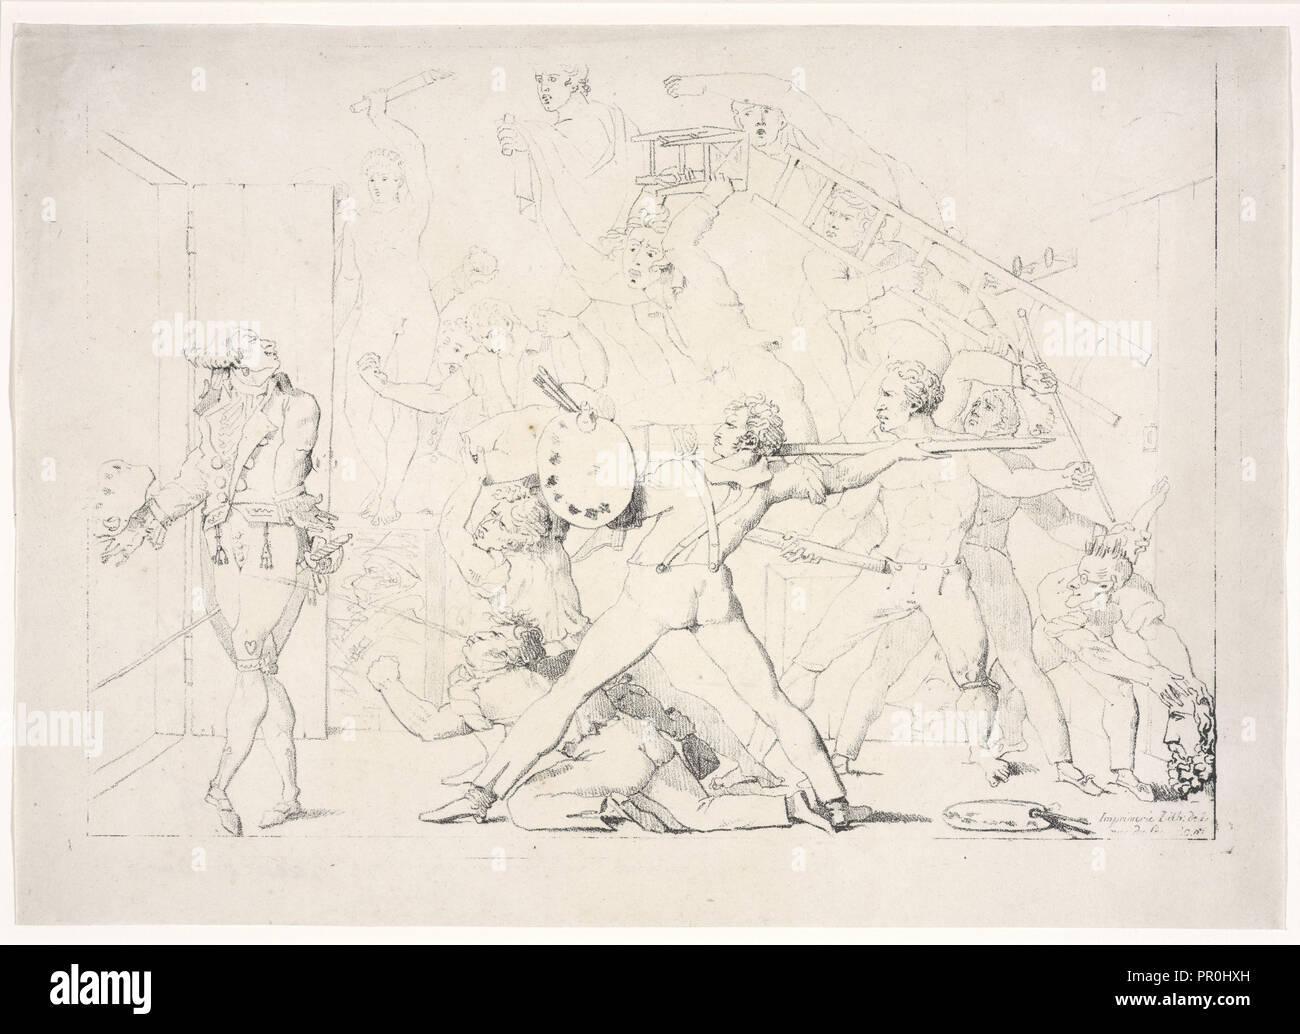 Atelier de David, litografia, in bianco e nero, secolo XIX Immagini Stock